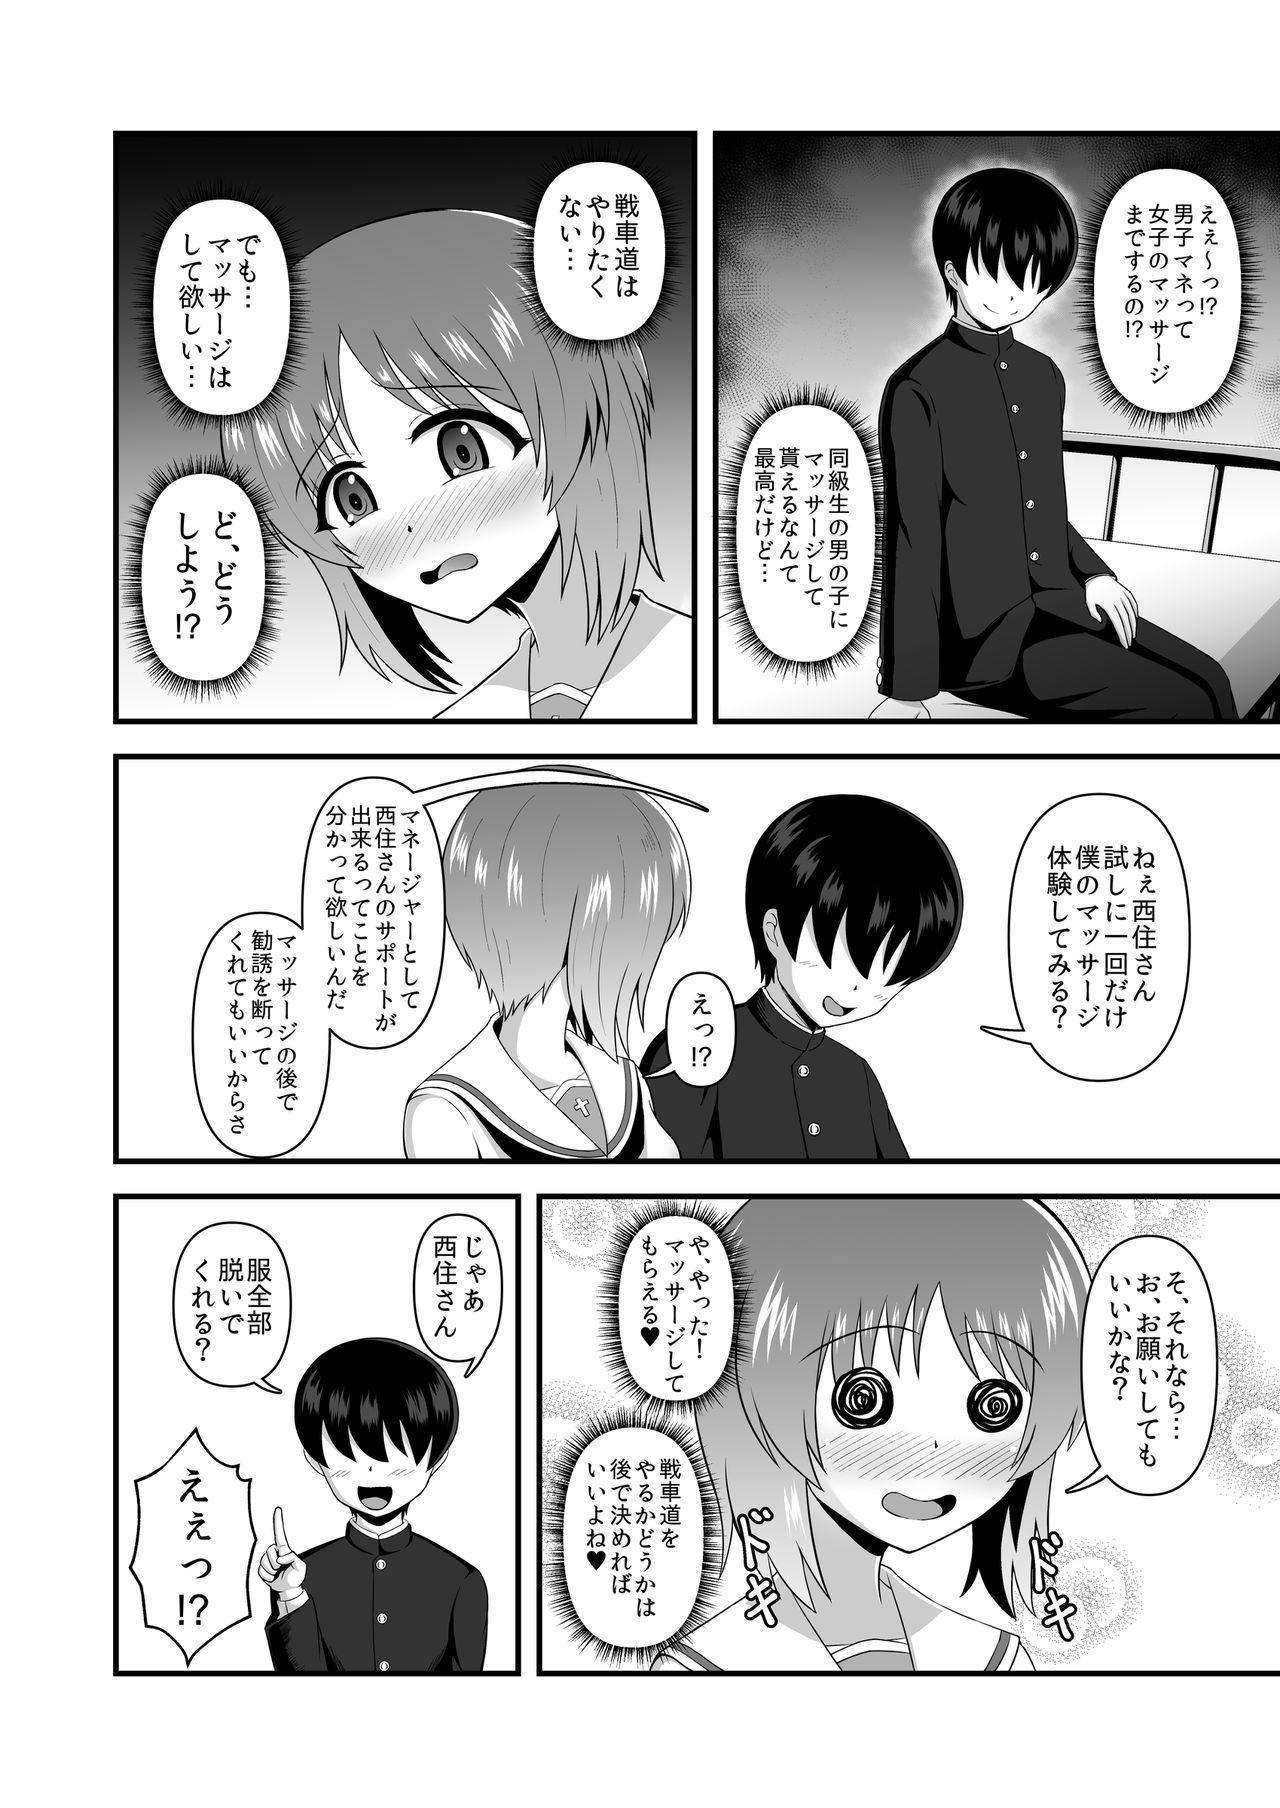 Teisou Gyakuten Abekobe Banashi 3 6